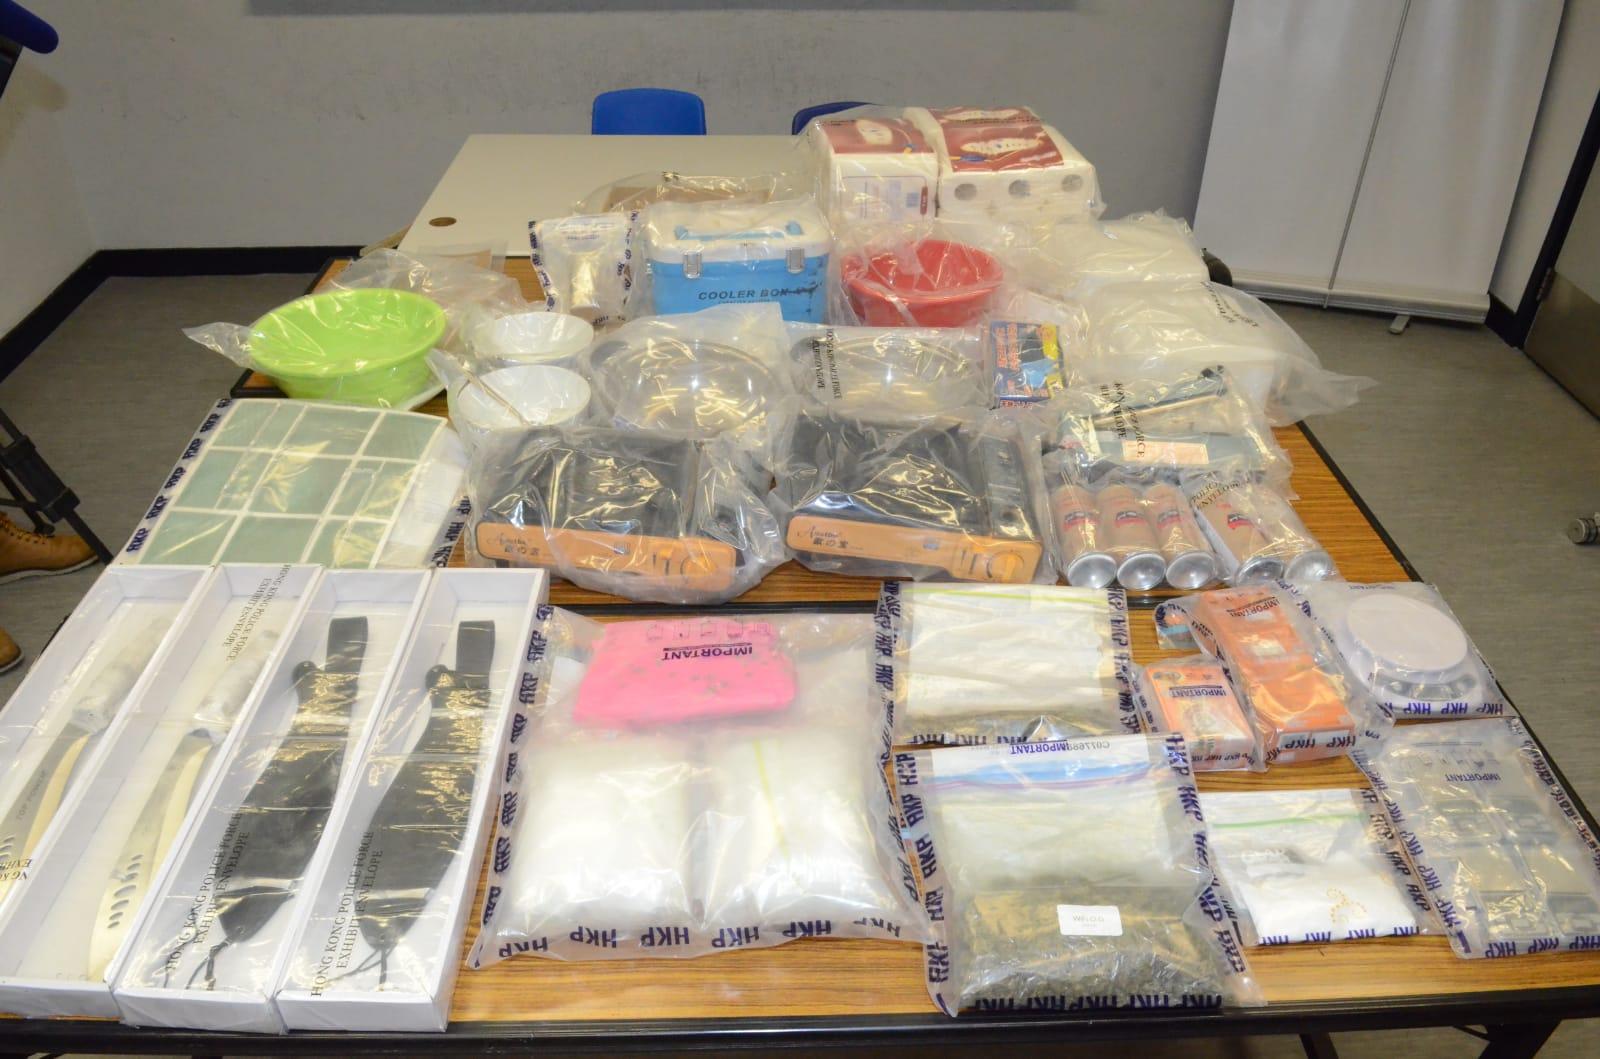 警方在一間村屋搜出大批可卡因、大麻花,毒品總值200多萬港元